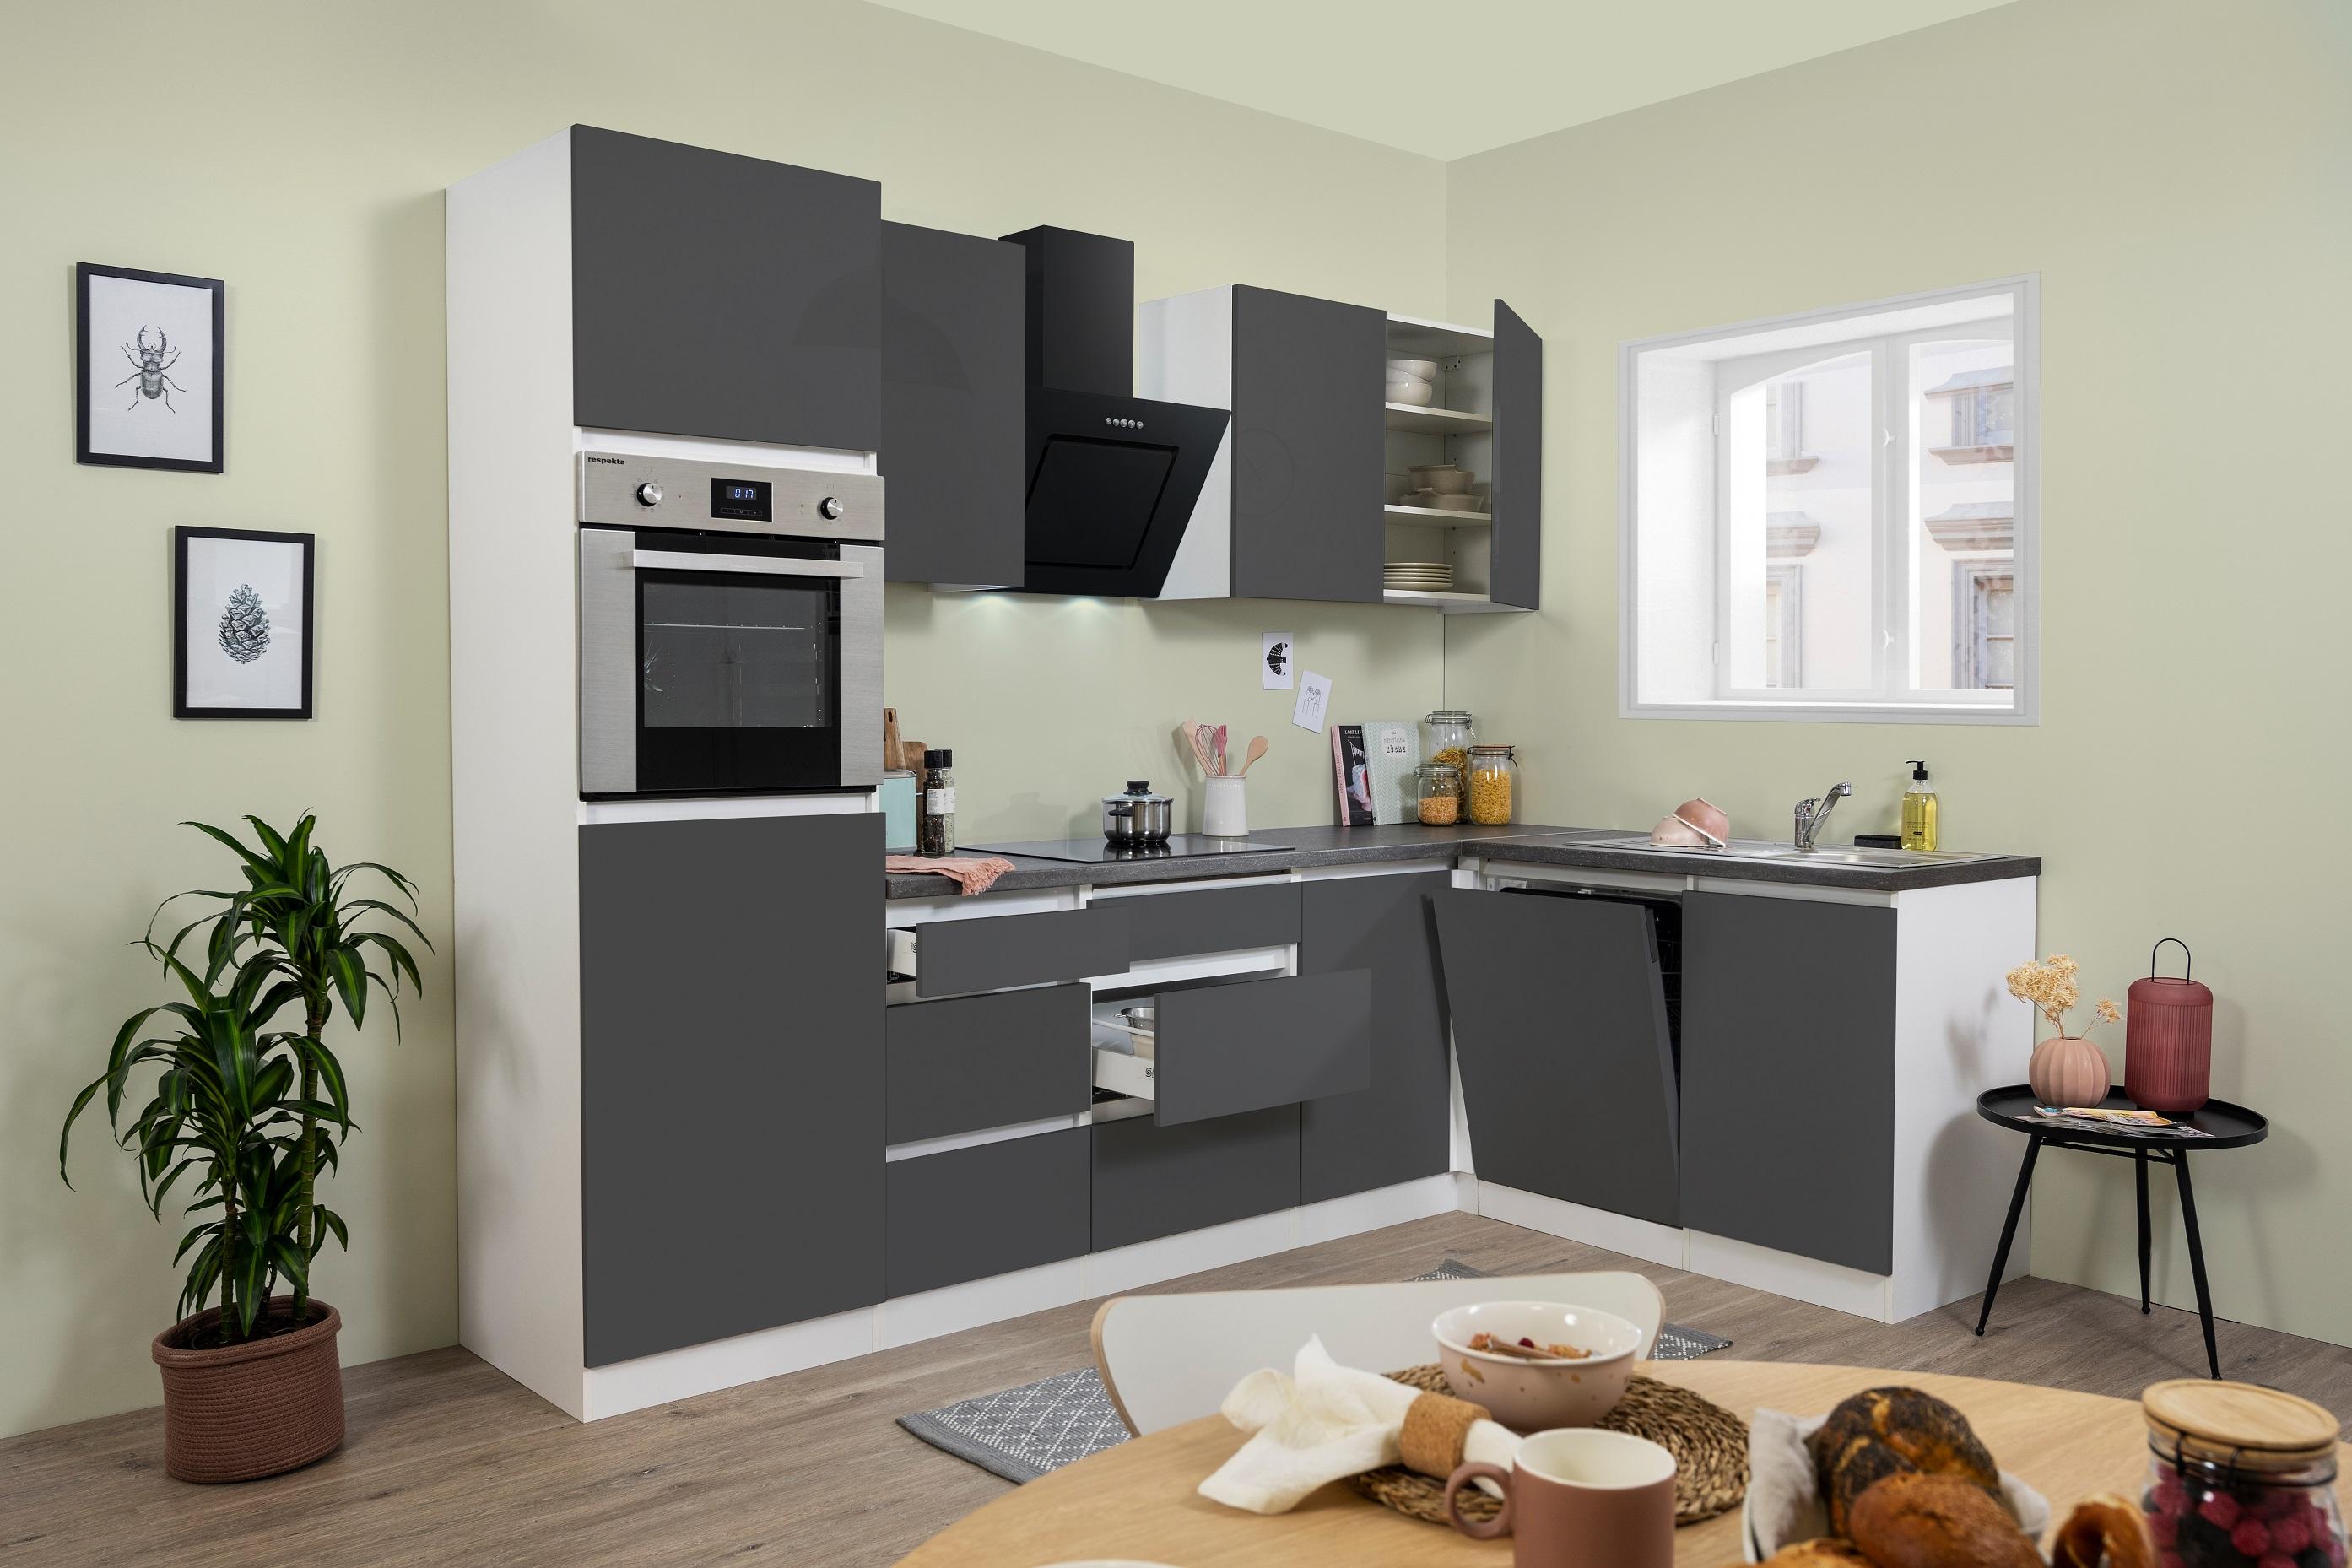 Winkelküche Küchenzeile Küche L-Form Küche grifflos grau 280x172 cm respekta